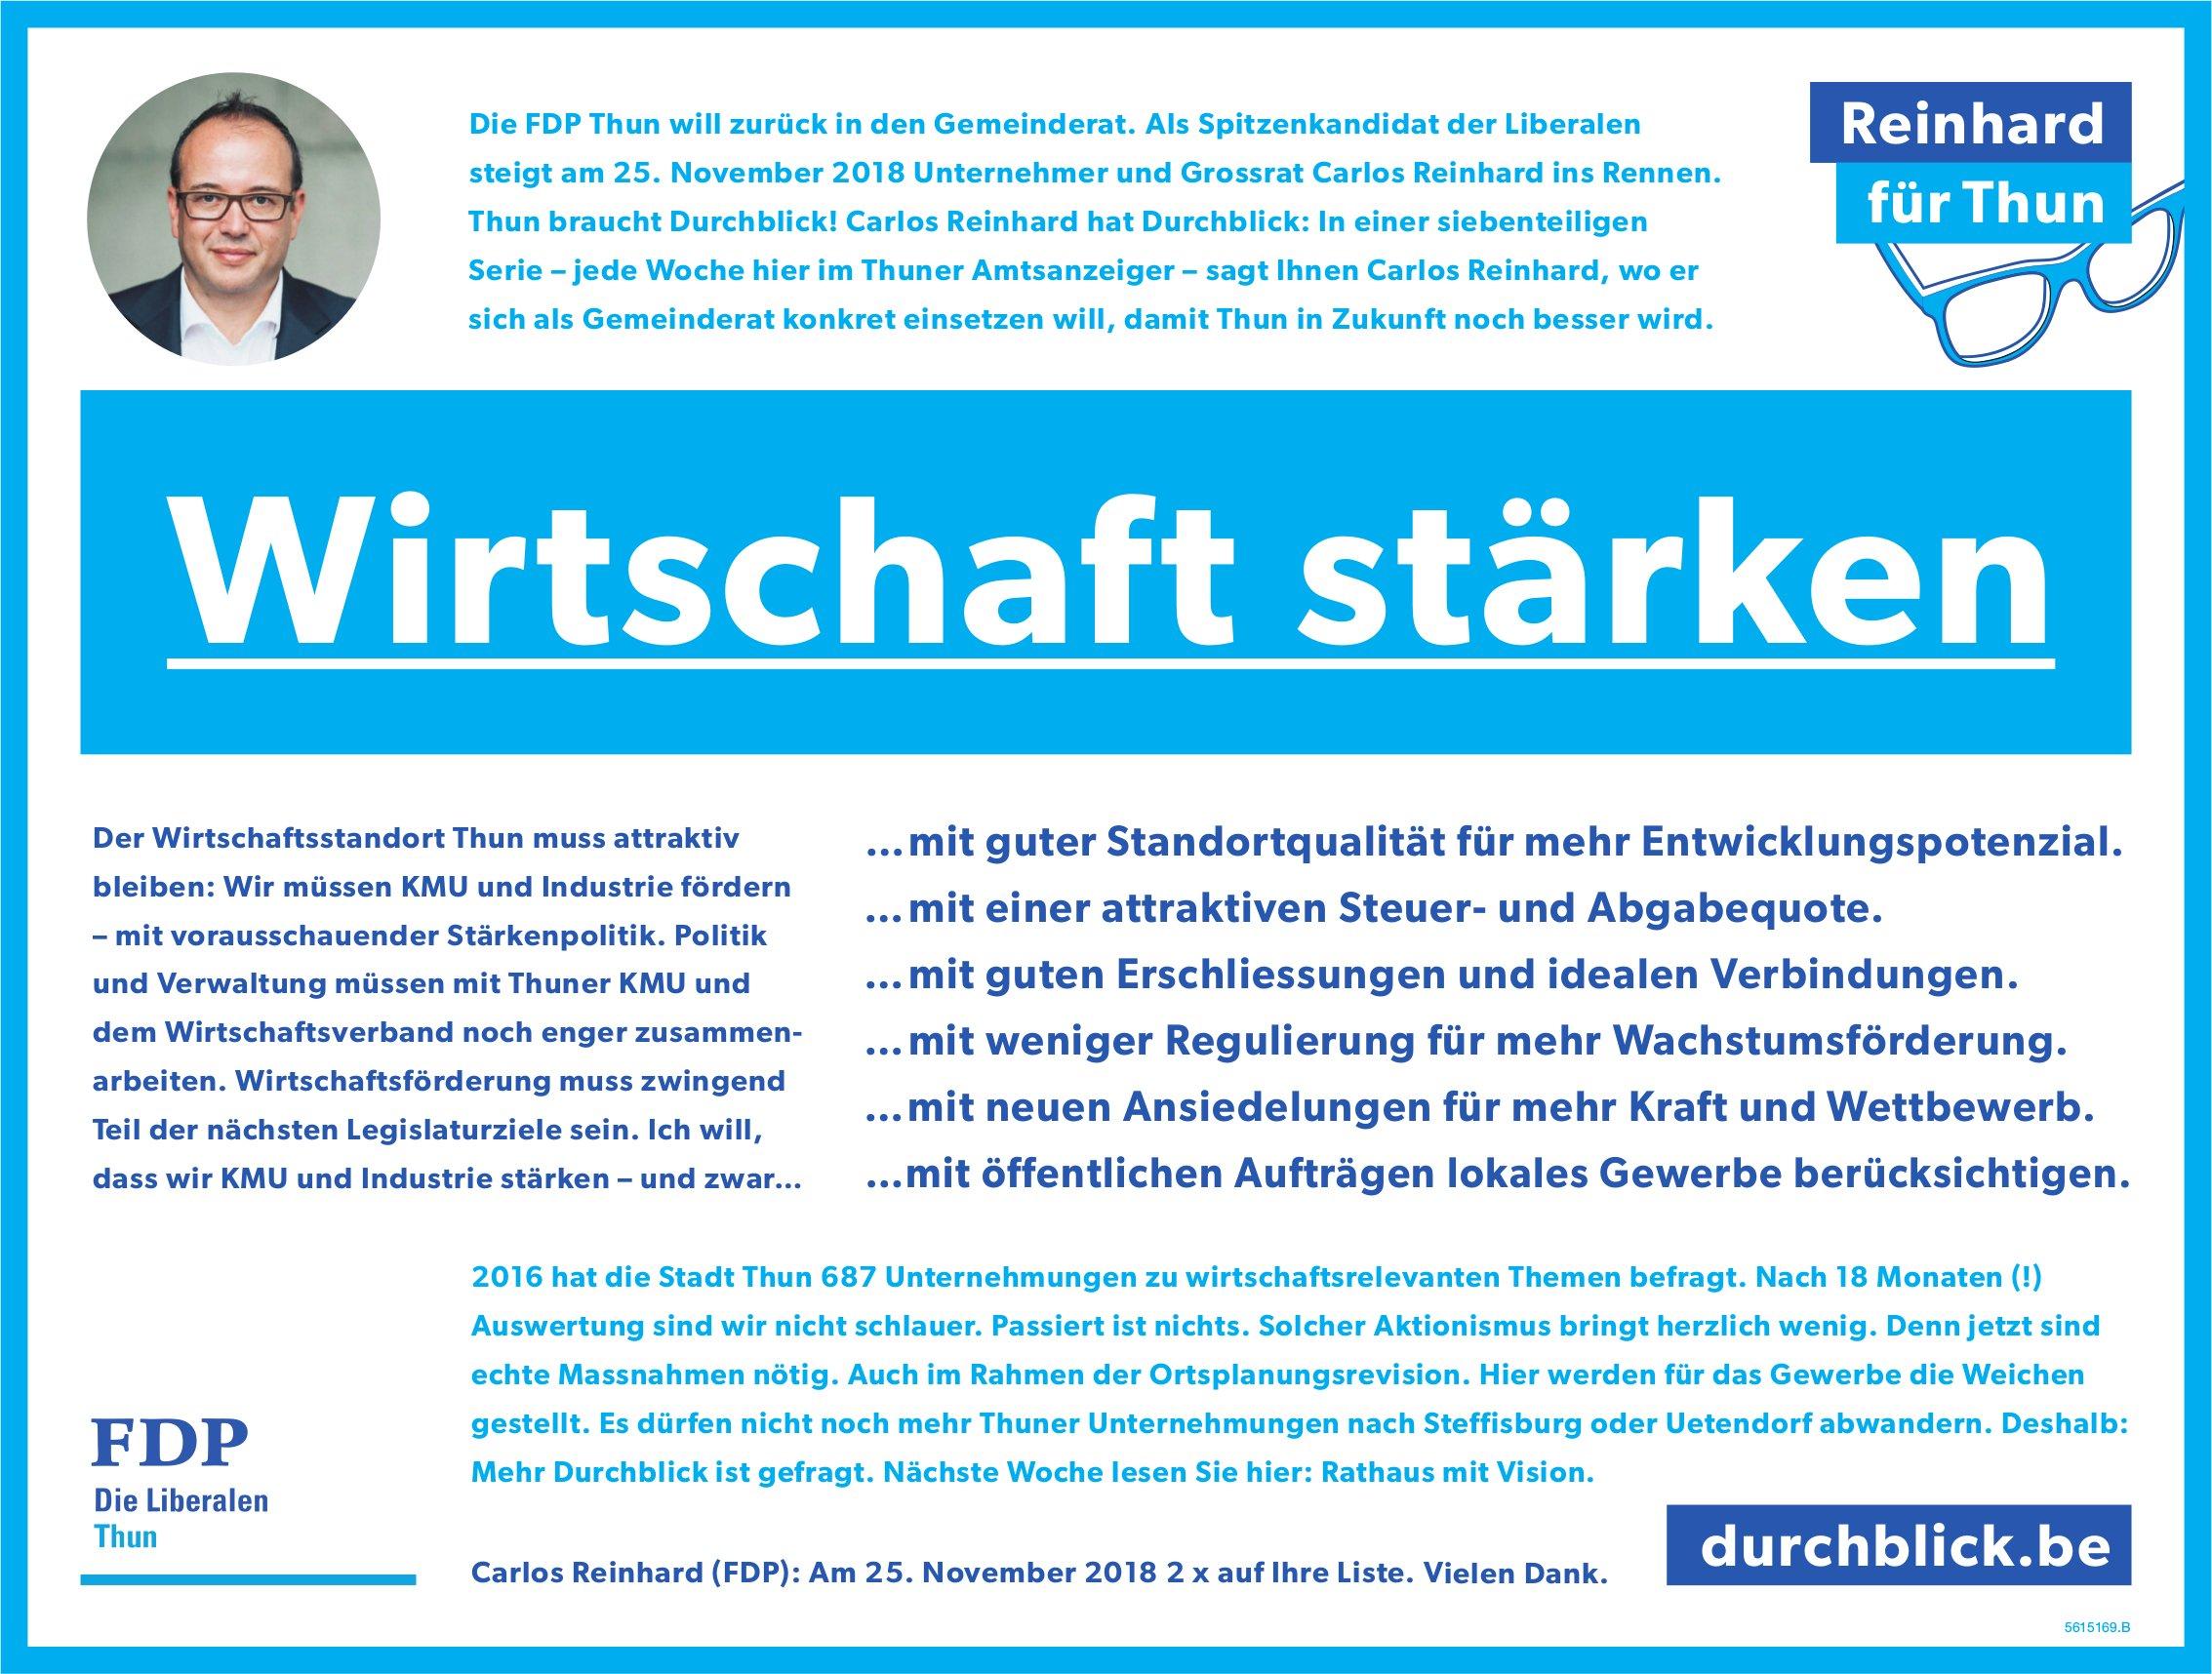 FDP - Reinhard für Thun : Wirtschaft stärken